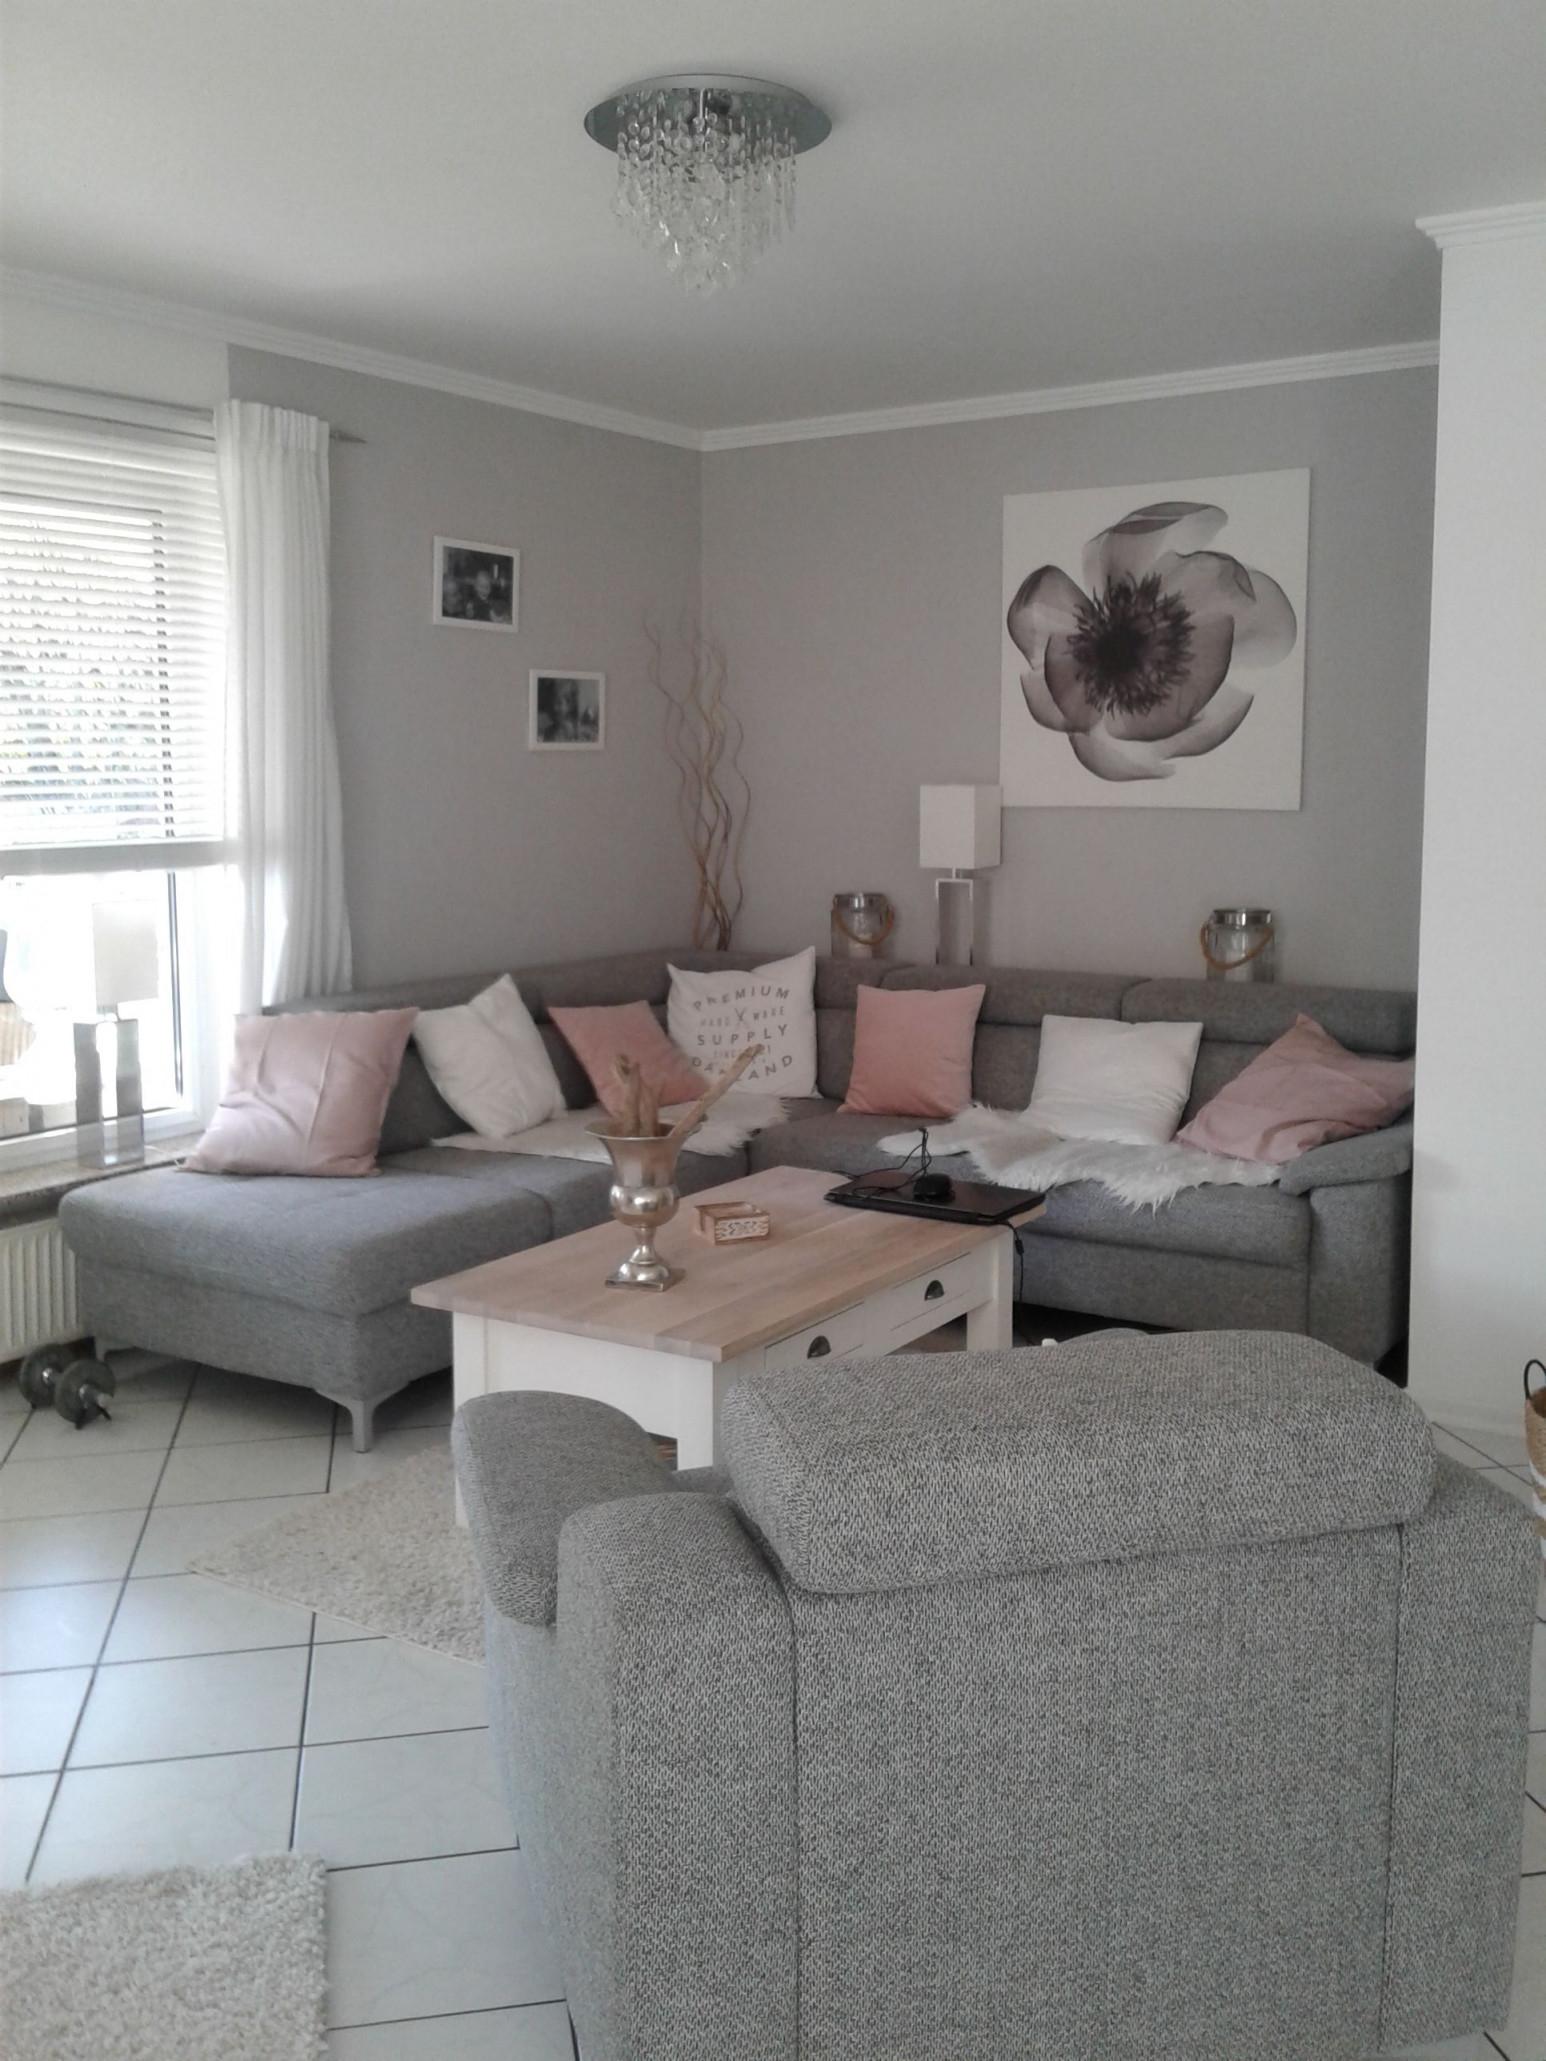 Wohnzimmer In Grau Weiß Und Farbtupfer In Matt Rosa von Wohnzimmer In Grau Gestalten Bild